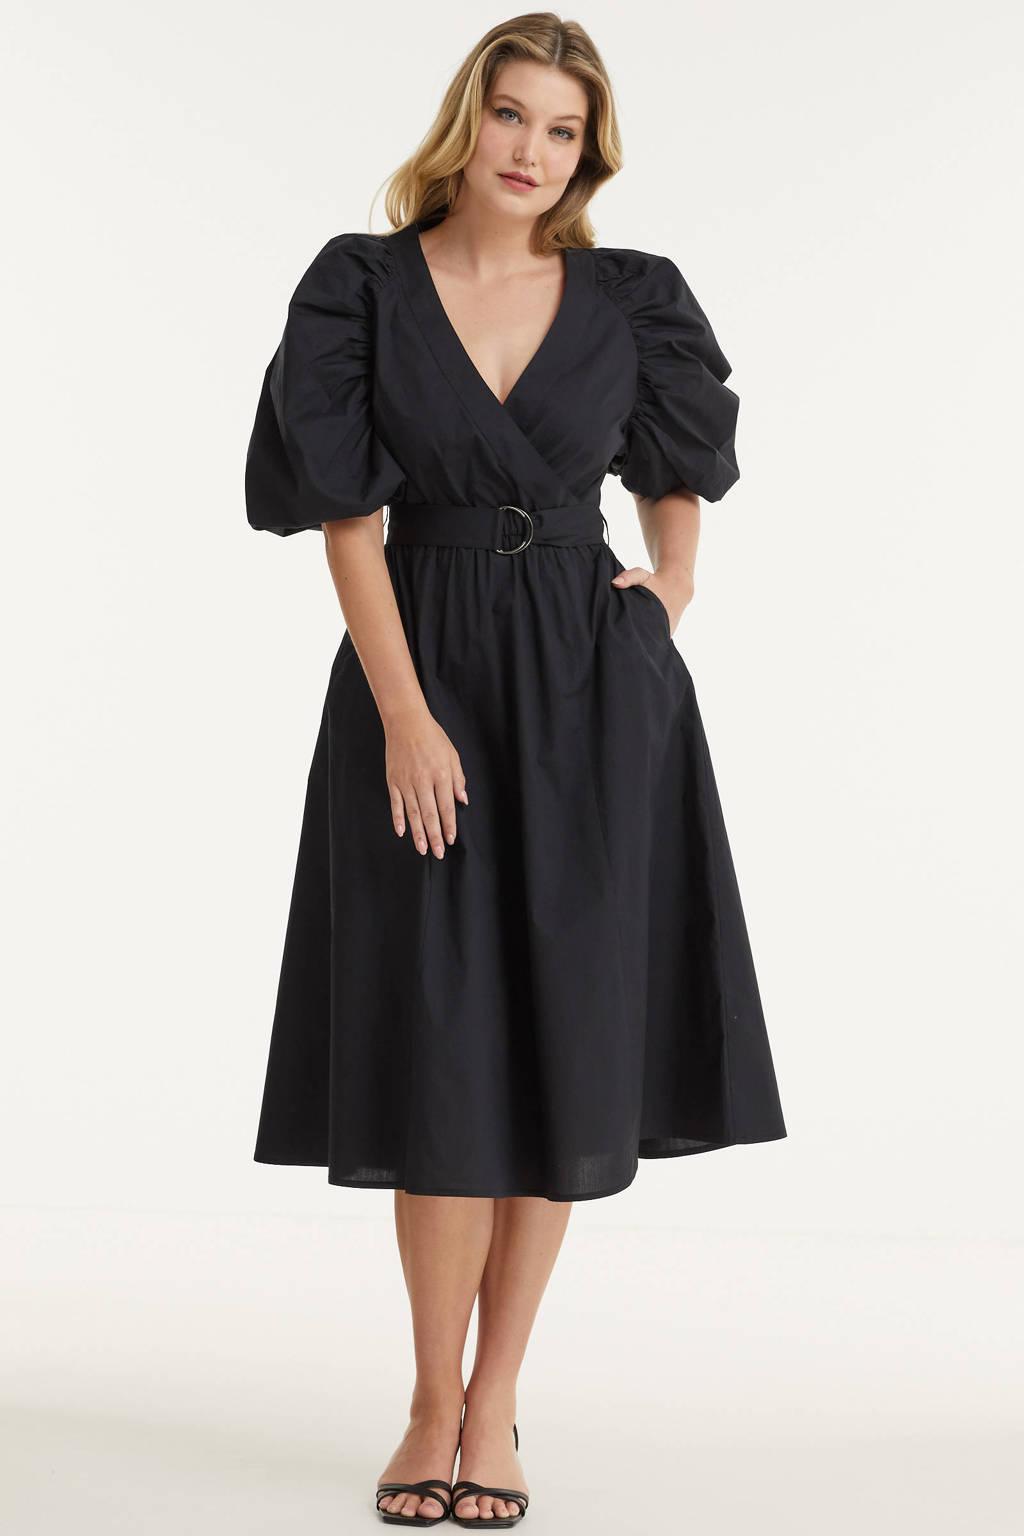 Miljuschka by Wehkamp katoenen jurk met pofmouw zwart, Zwart